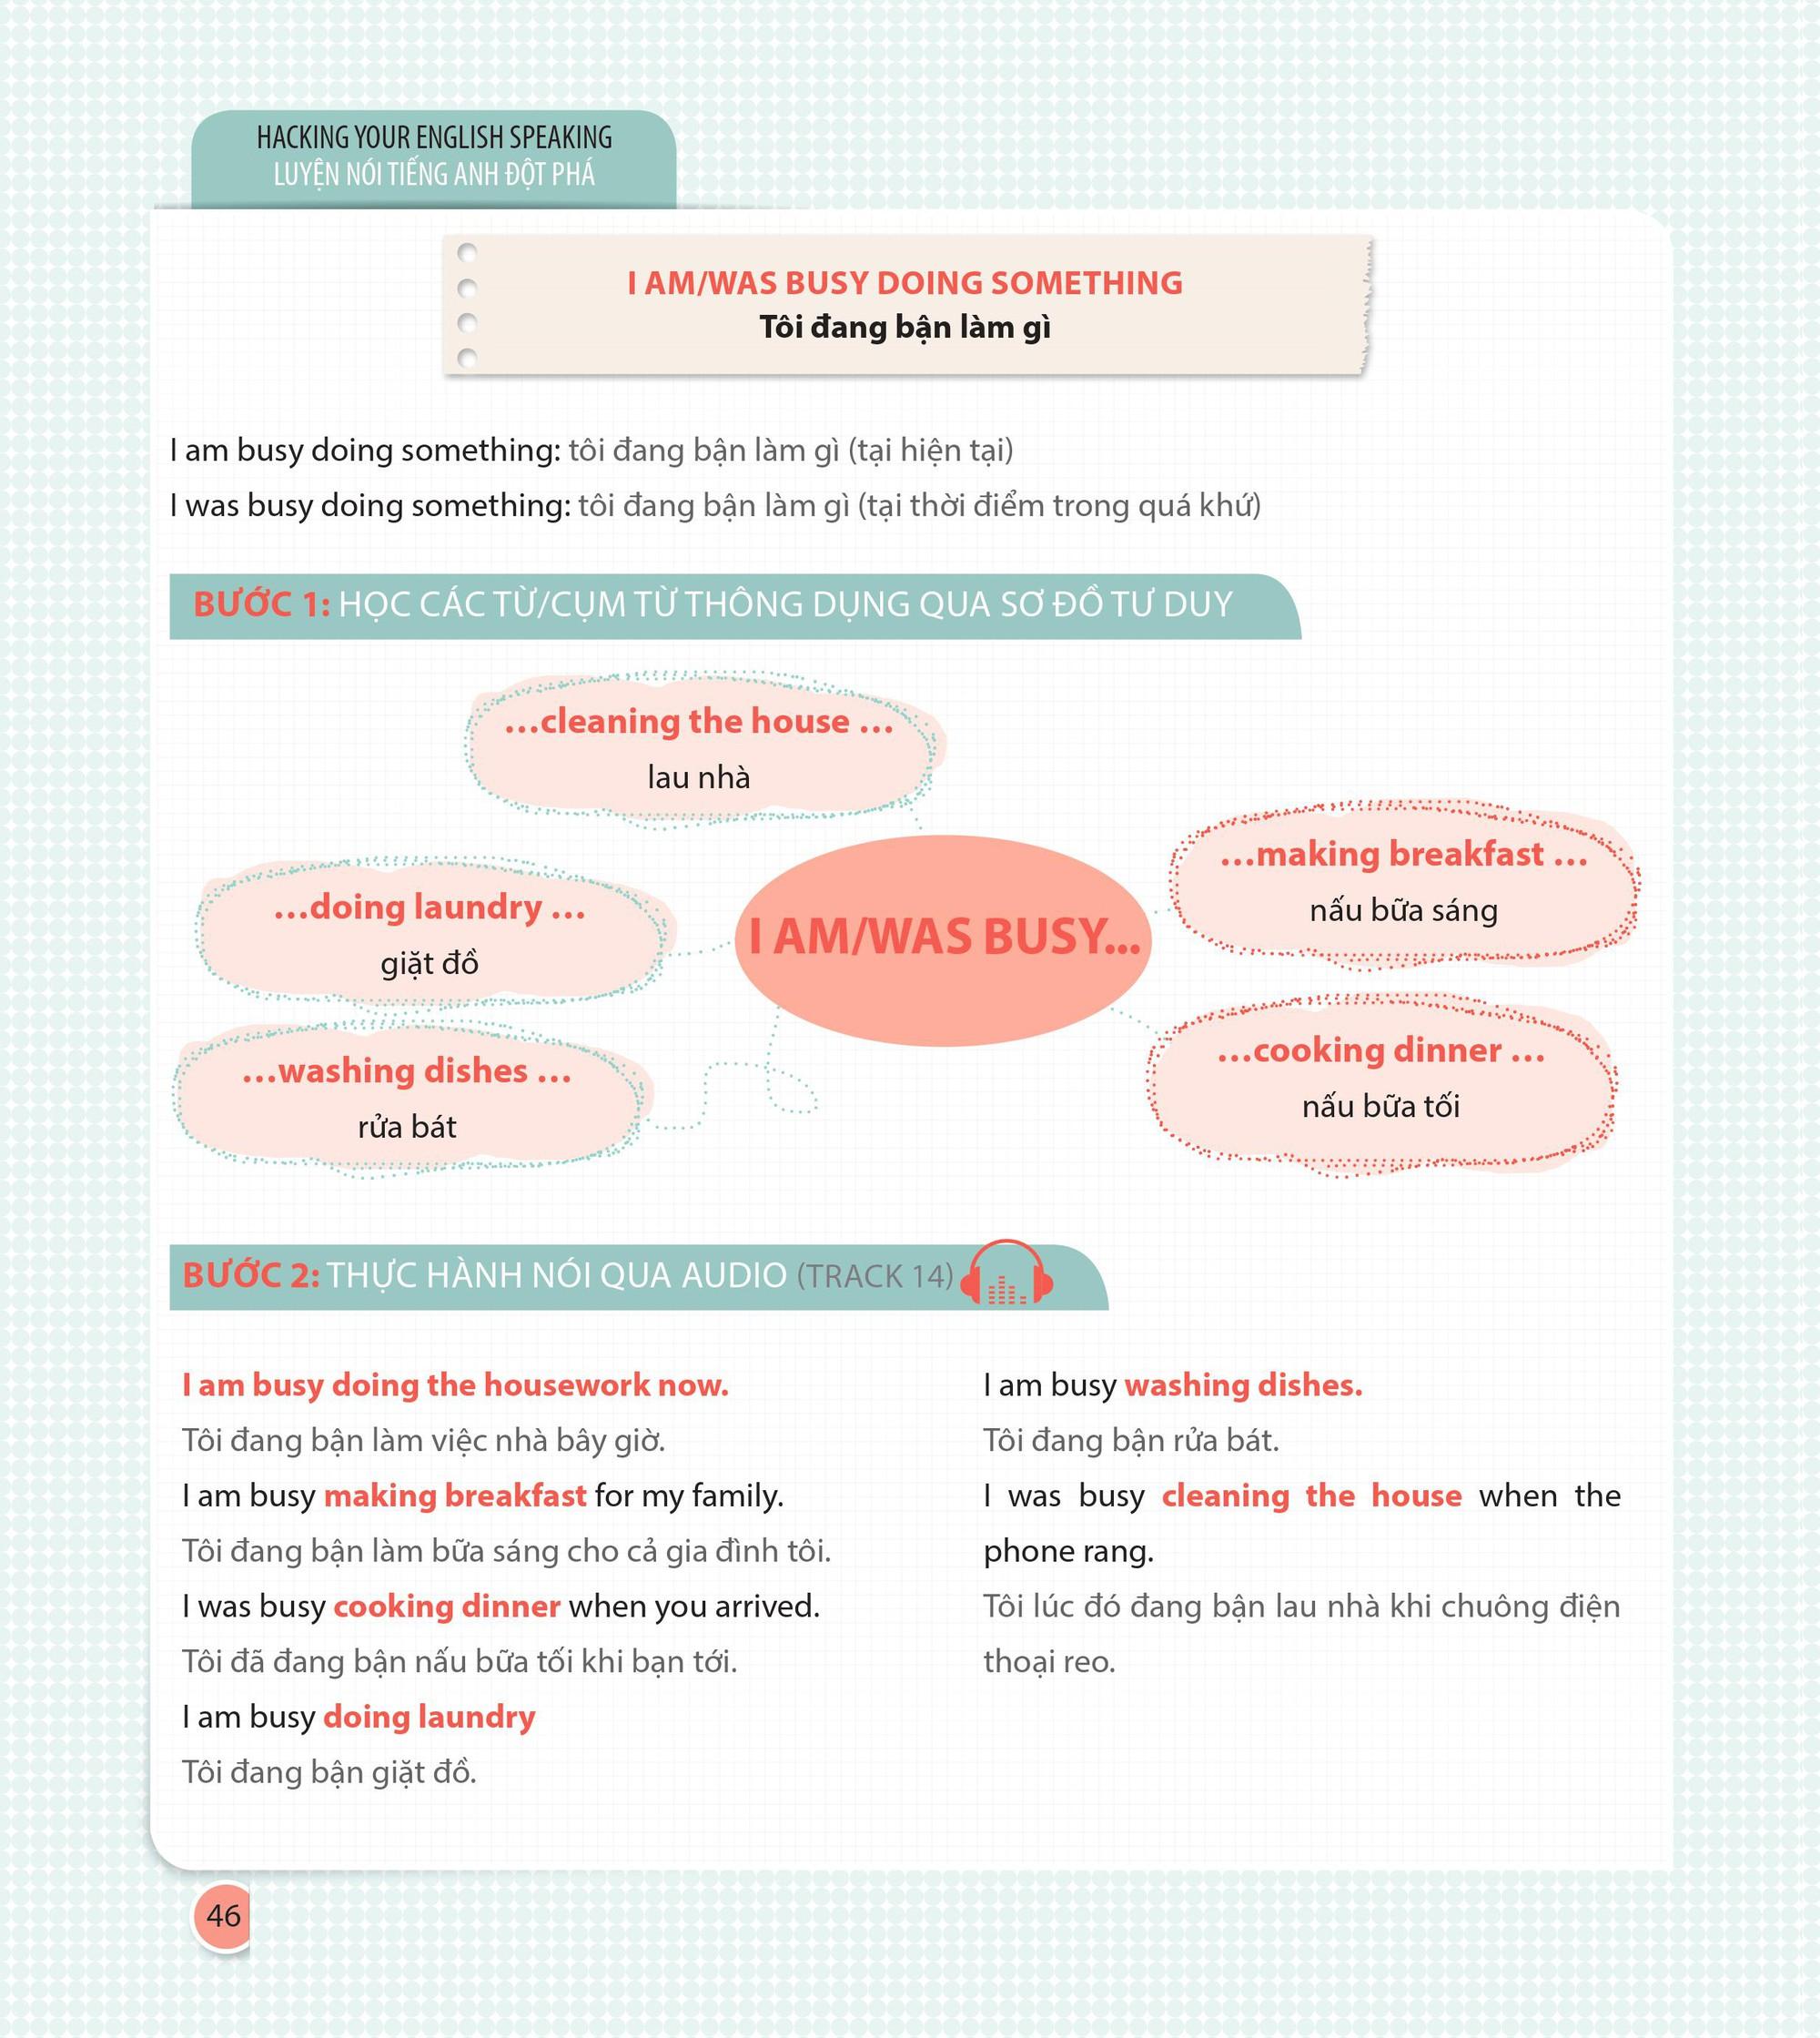 Hacking your English Speaking - Phương pháp học tiếng Anh mới lạ bằng sơ đồ tư duy - Ảnh 1.